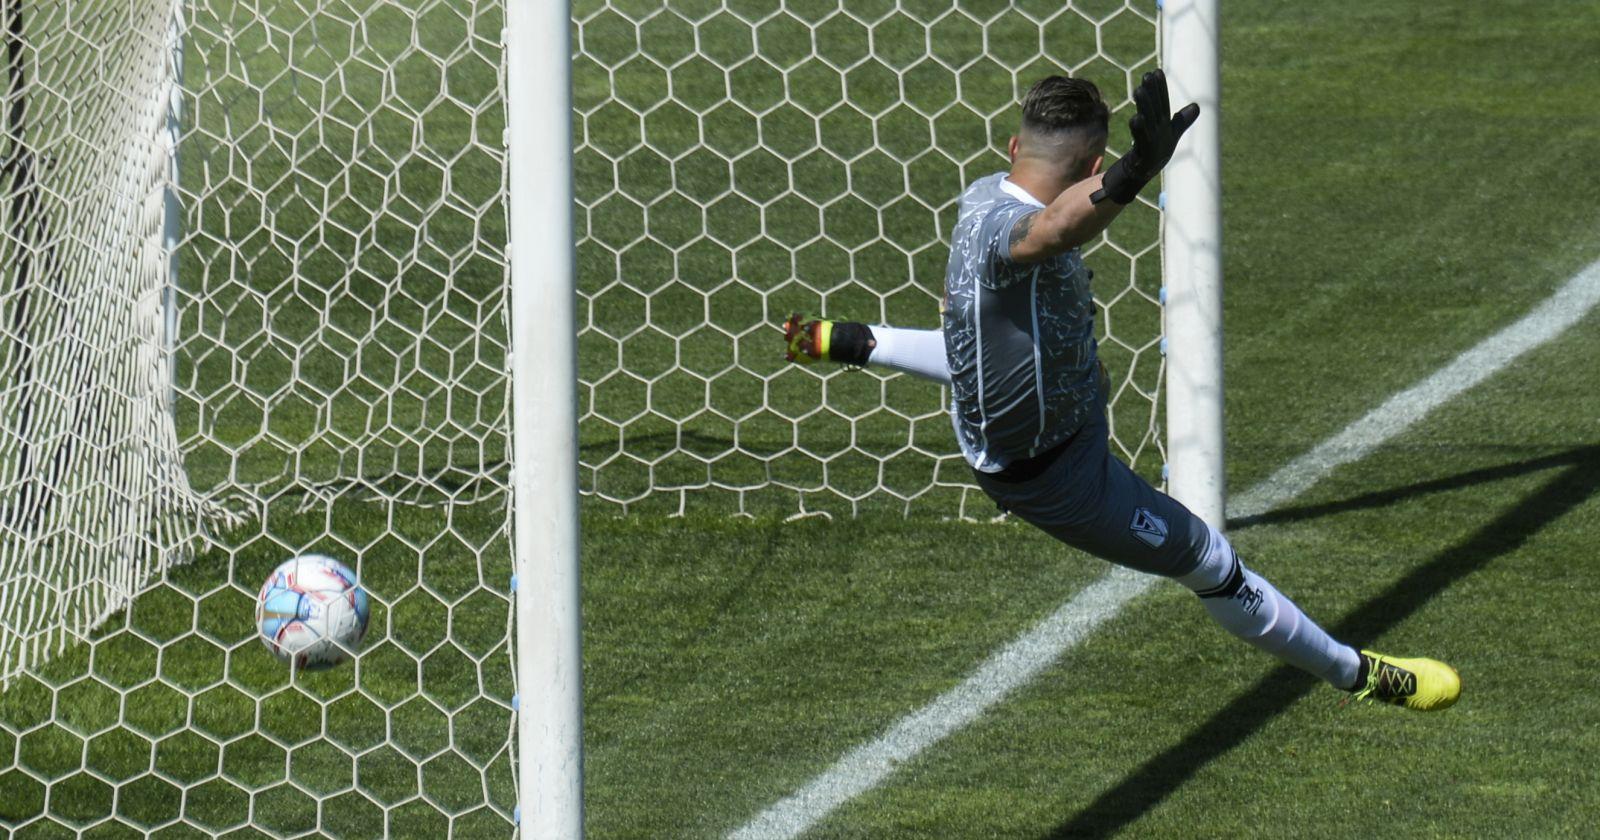 VIDEO – Todos lo vieron, menos los árbitros: el insólito gol que no se cobró en la Primera B